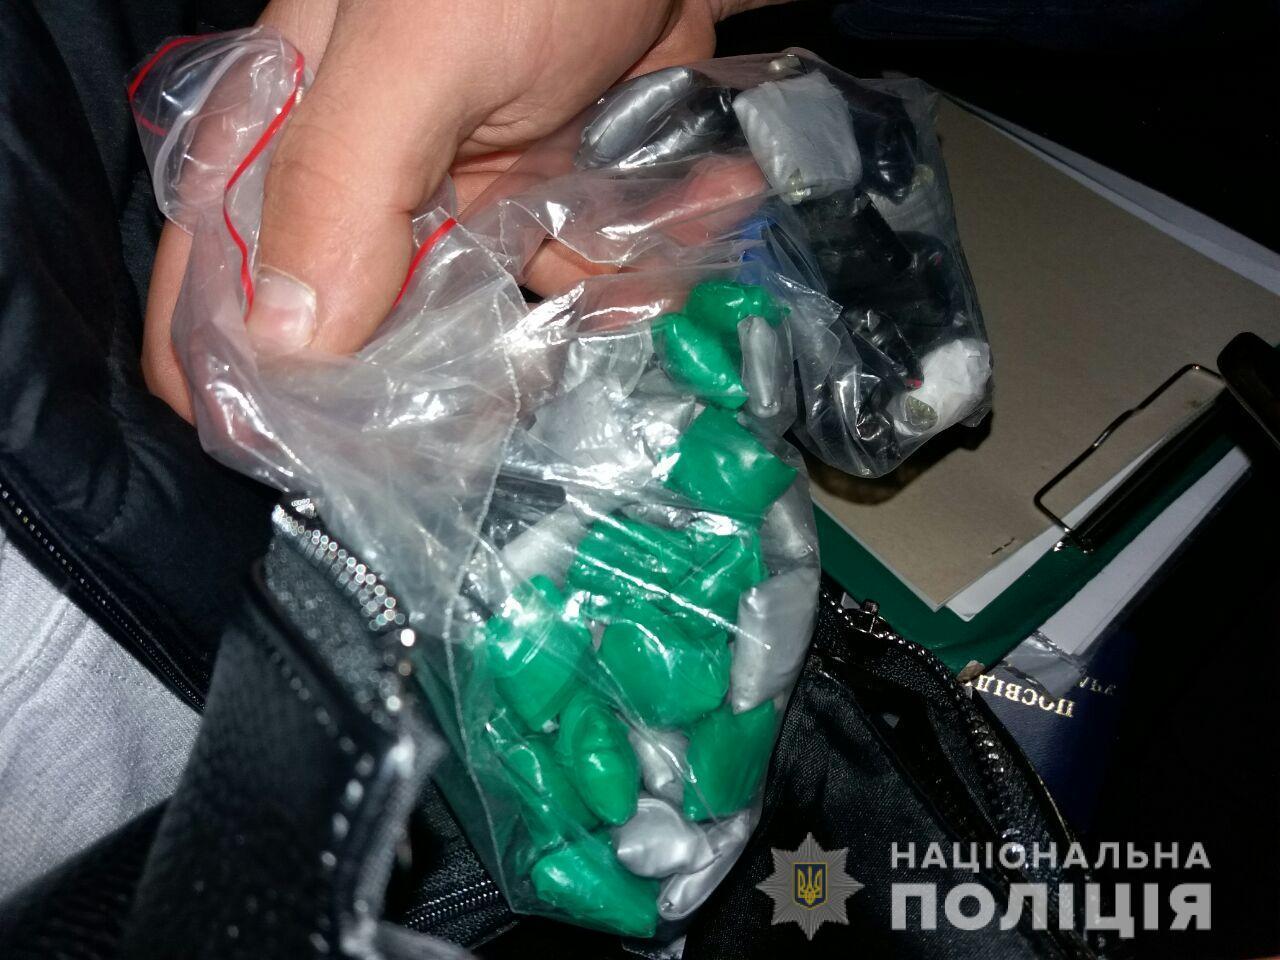 У Вінниці затримали молодика, який торгував амфетаміном та марихуаною (Фото+Відео)